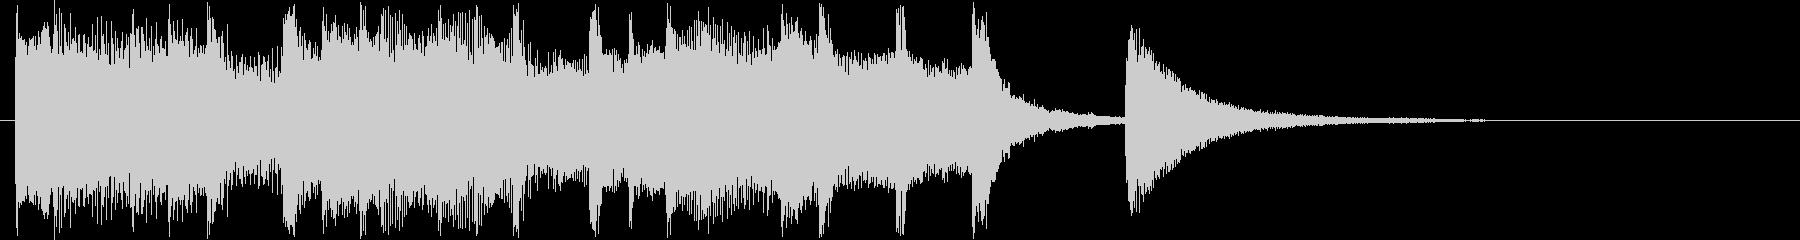 躍動感あるジングル曲の未再生の波形